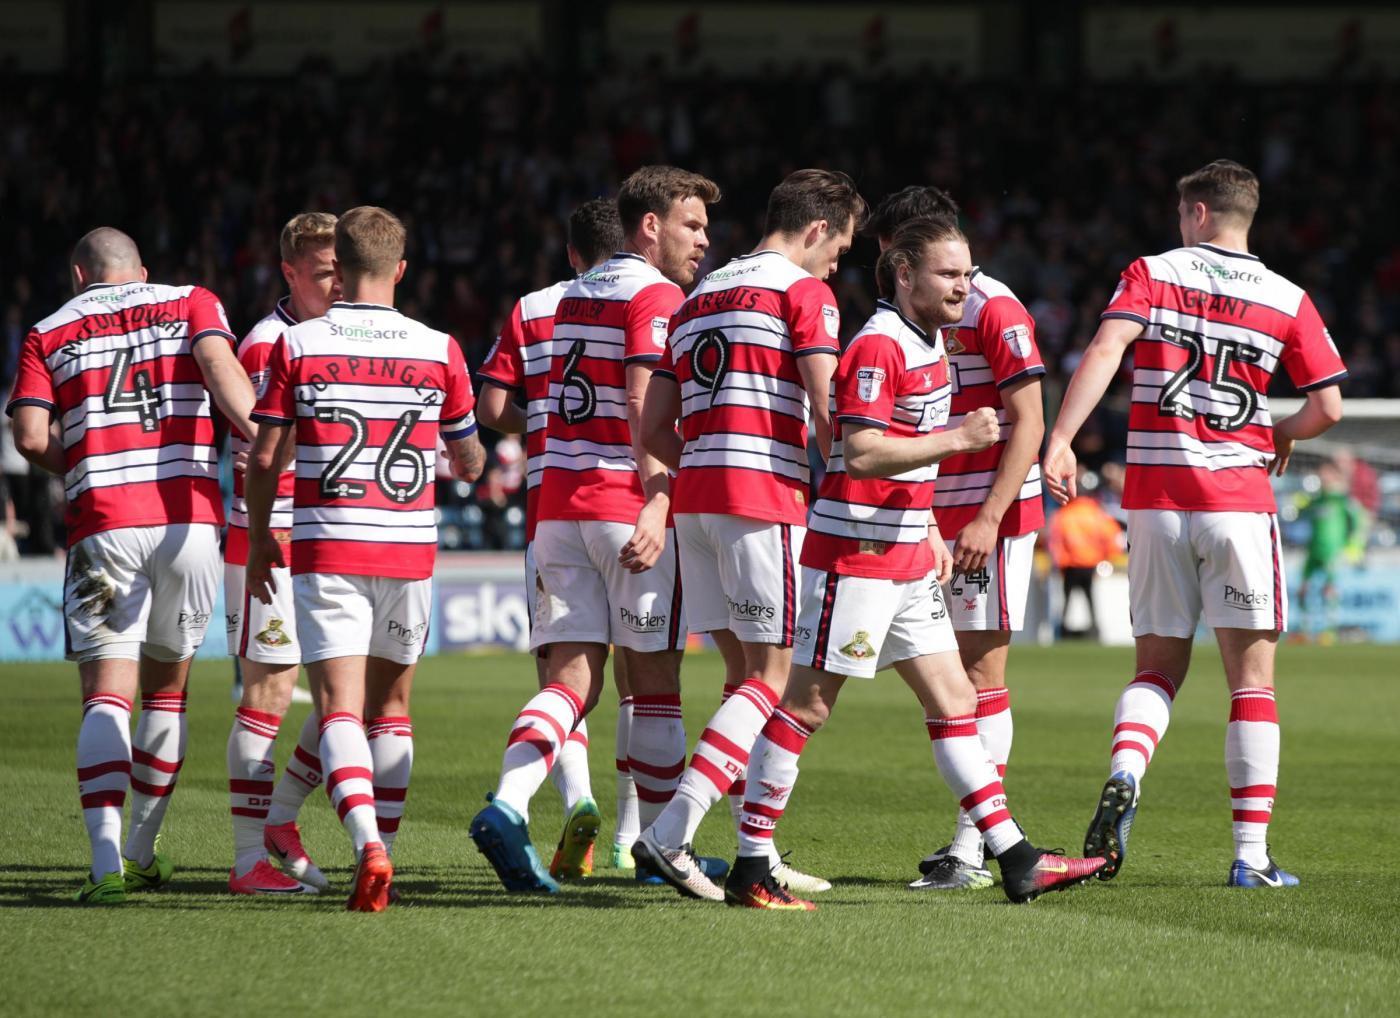 Doncaster-Bristol Rovers 26 marzo: si gioca il recupero della 33 esima della Serie C inglese. Locali in cerca di punti play-off.